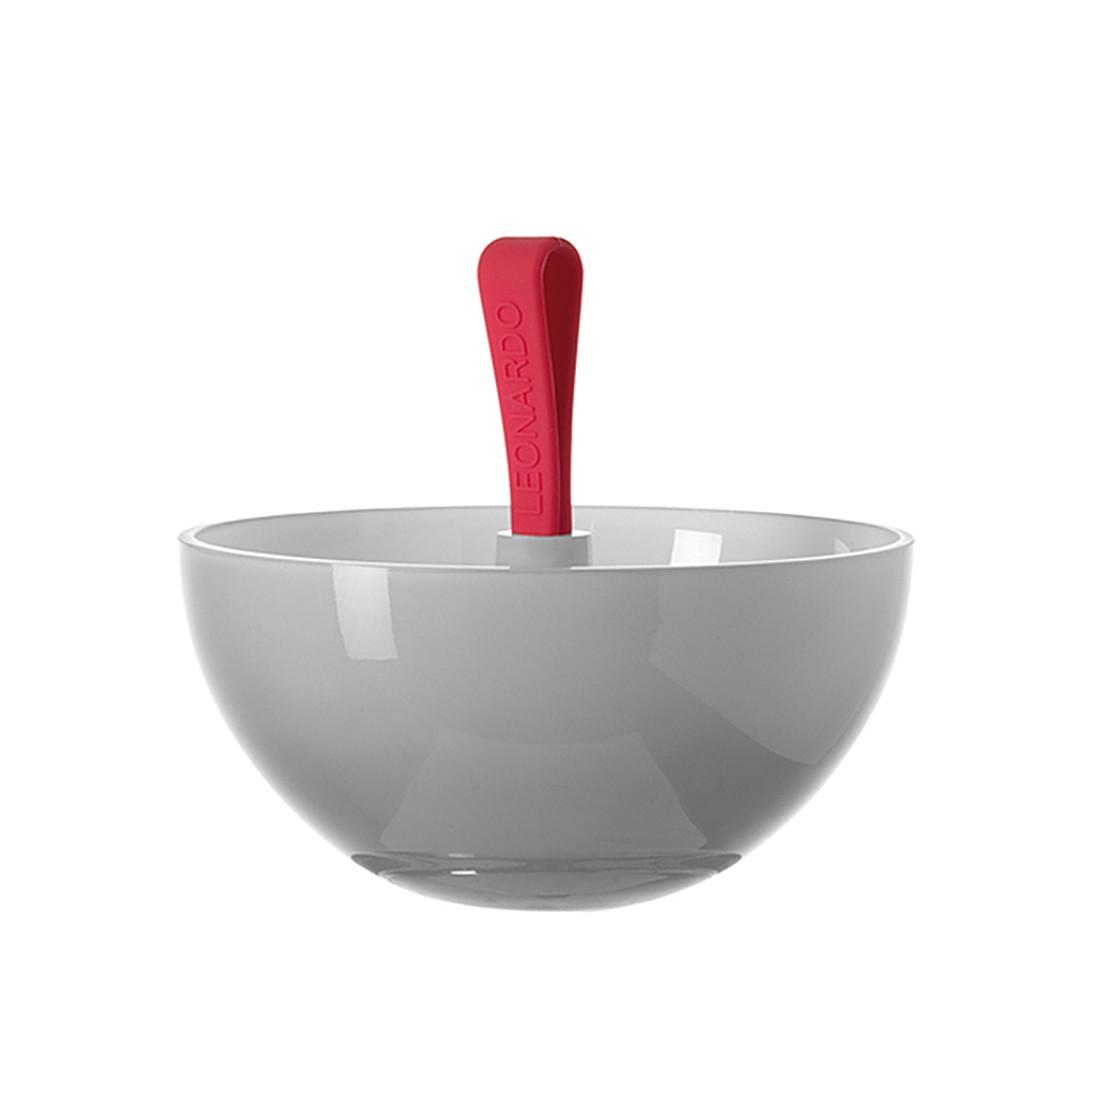 Schale Nico – 16,5 cm – Grau, Pink, Leonardo günstig kaufen